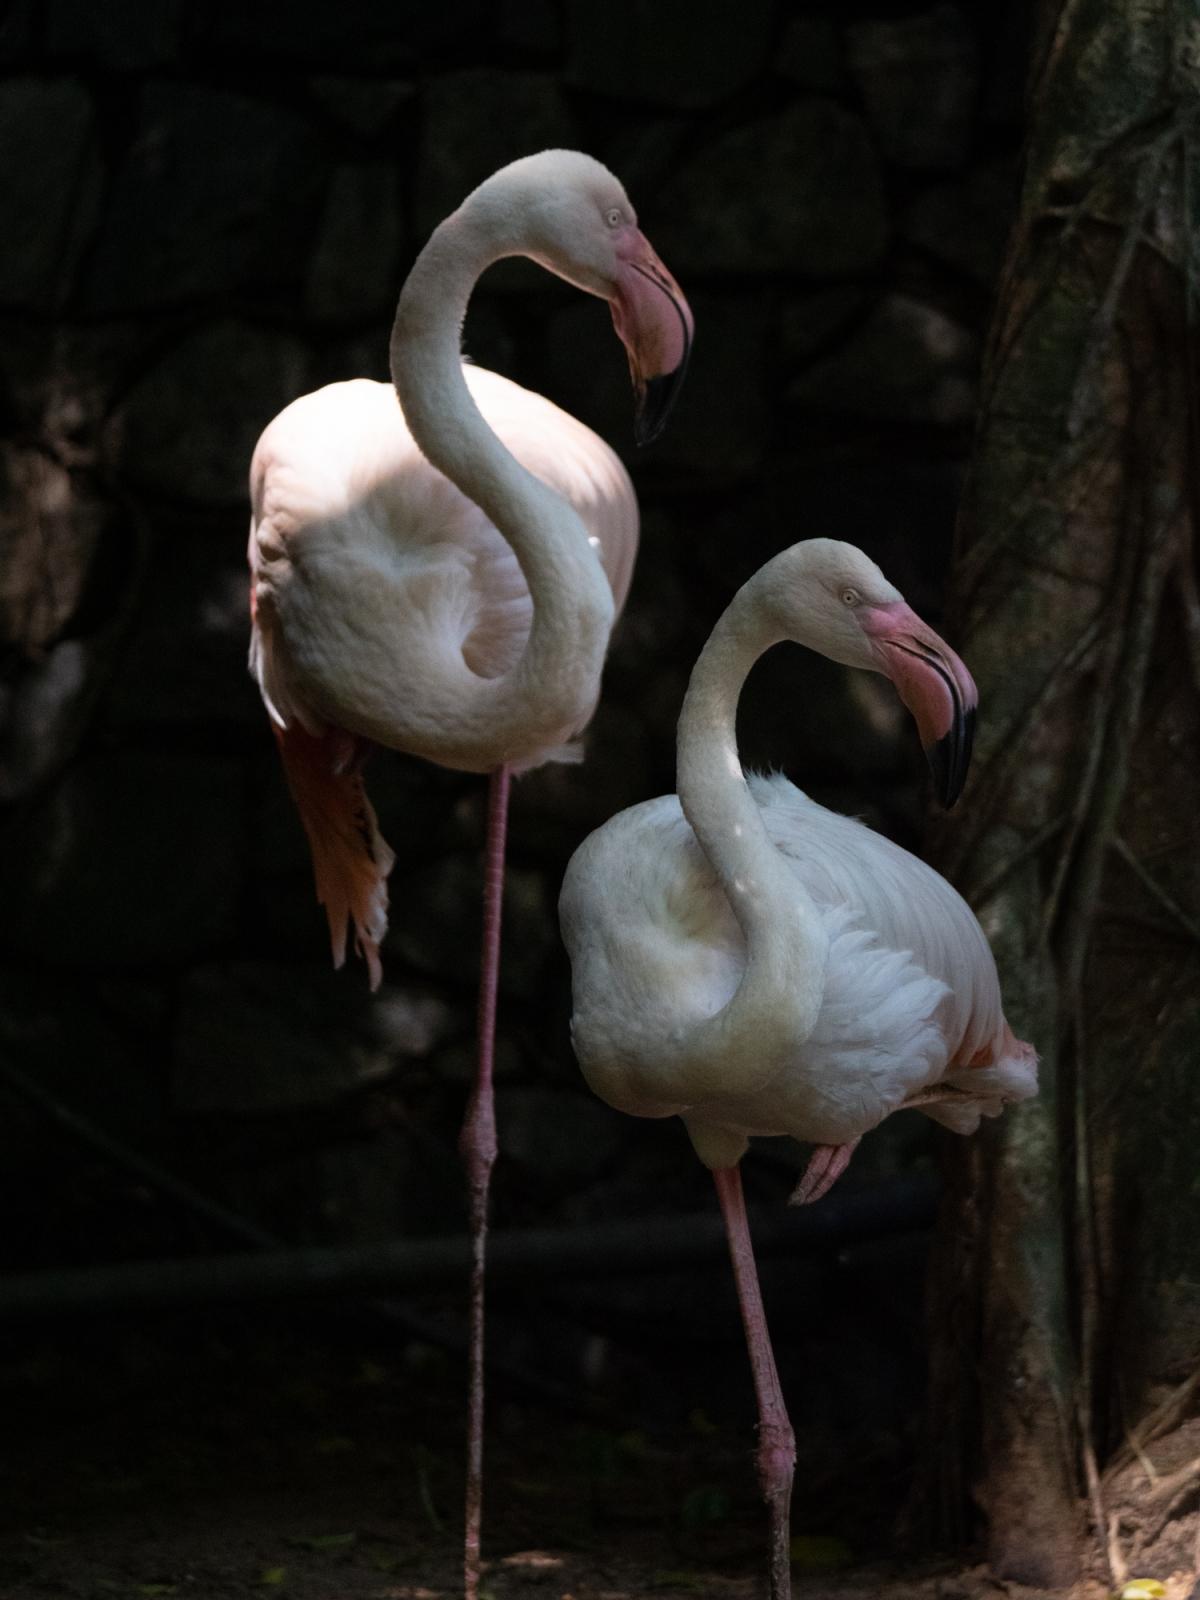 Flamingo pause